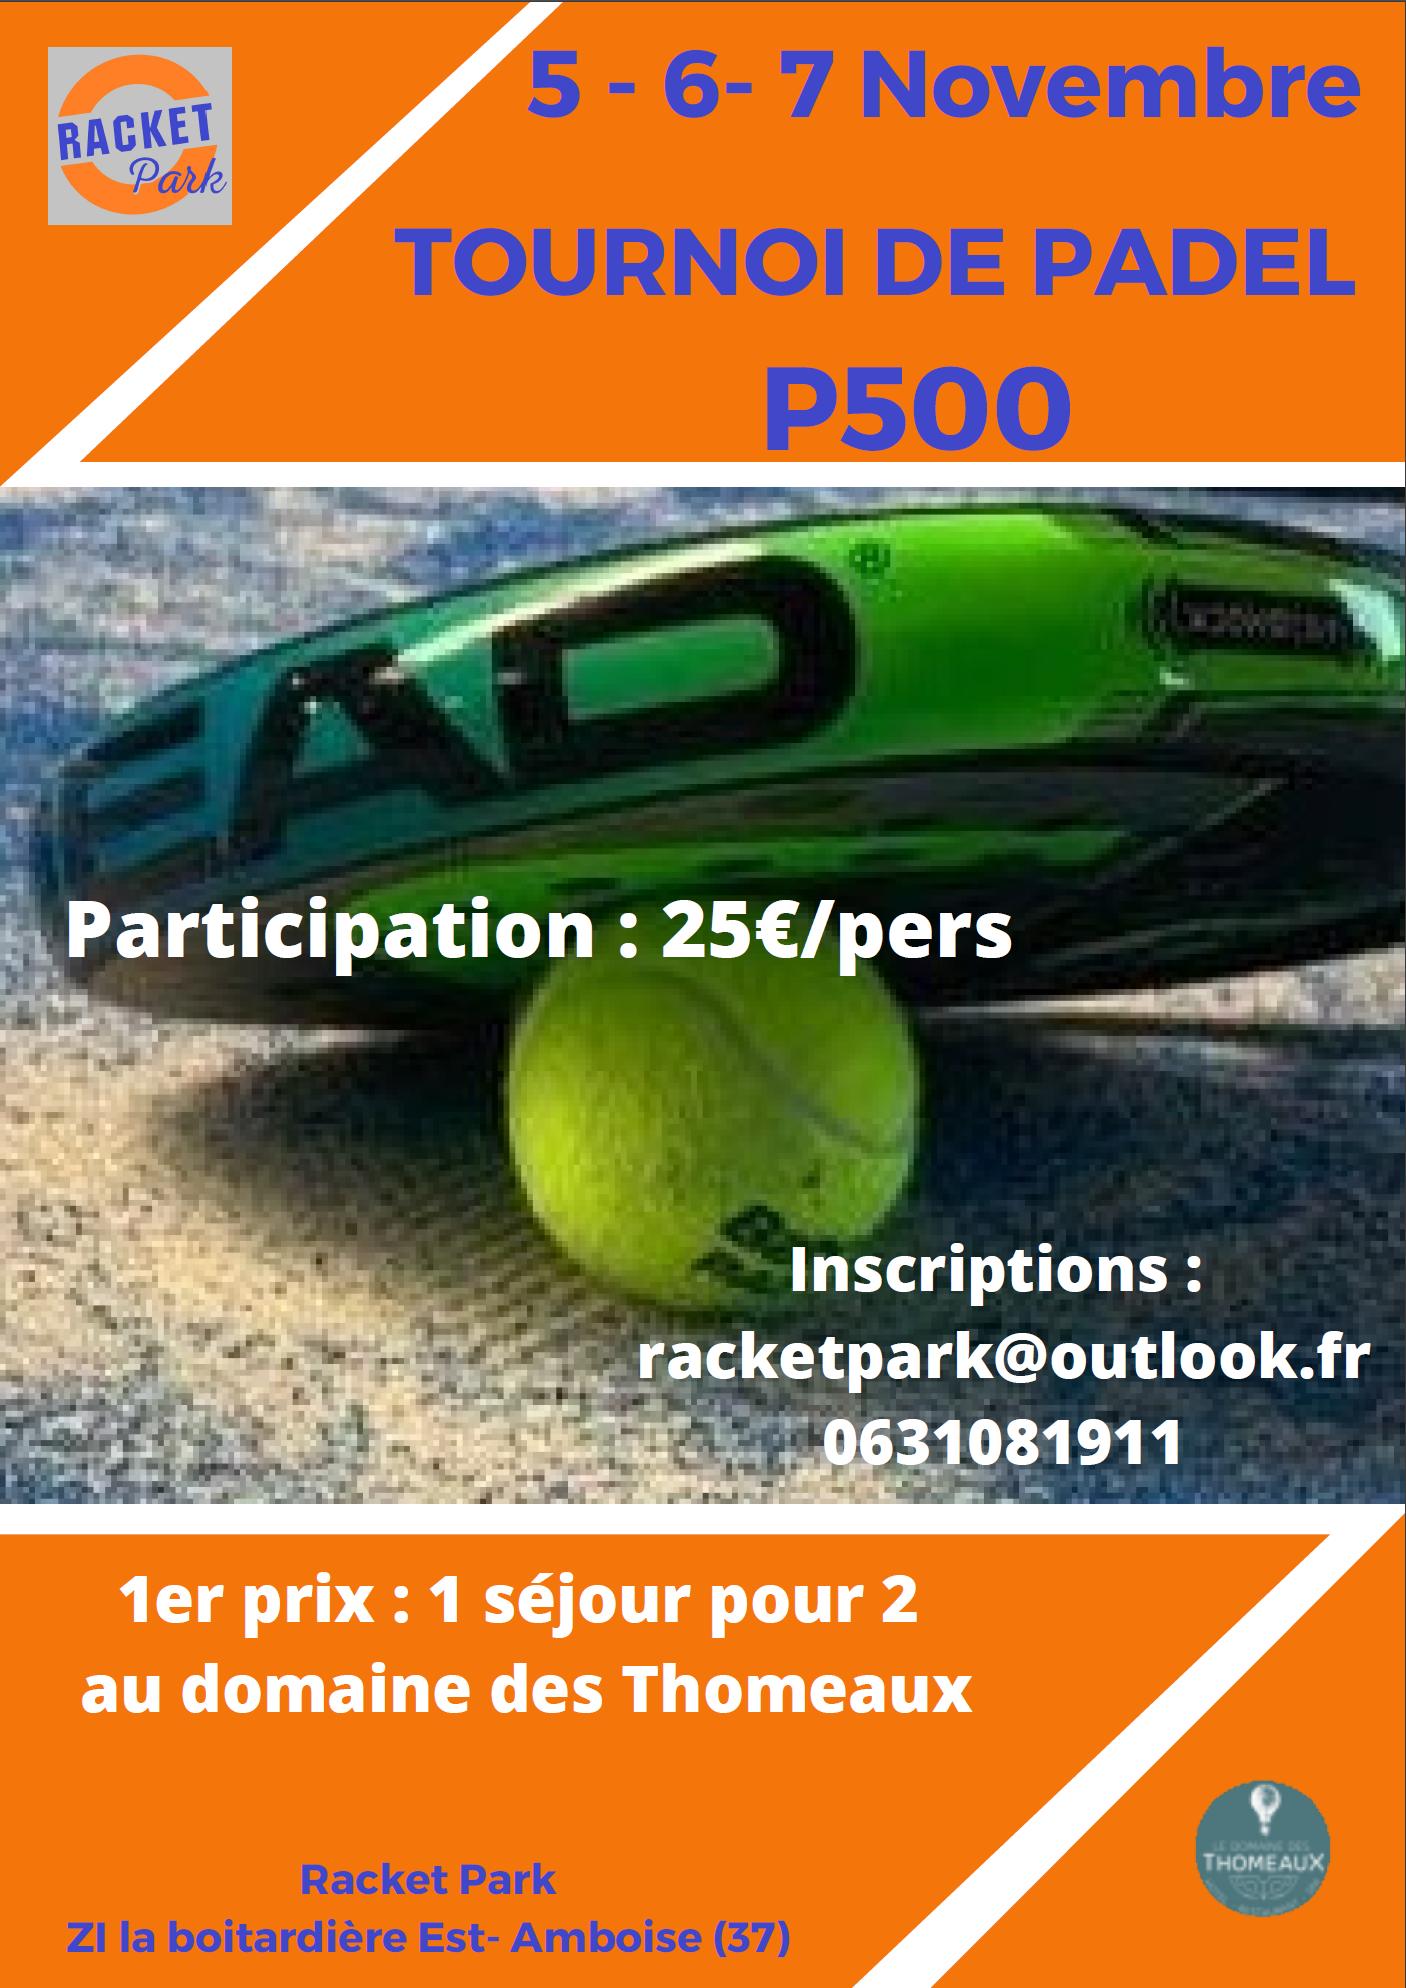 Raqueta parc turístic Raqueta parc P500 Del 5 al 7 de novembre